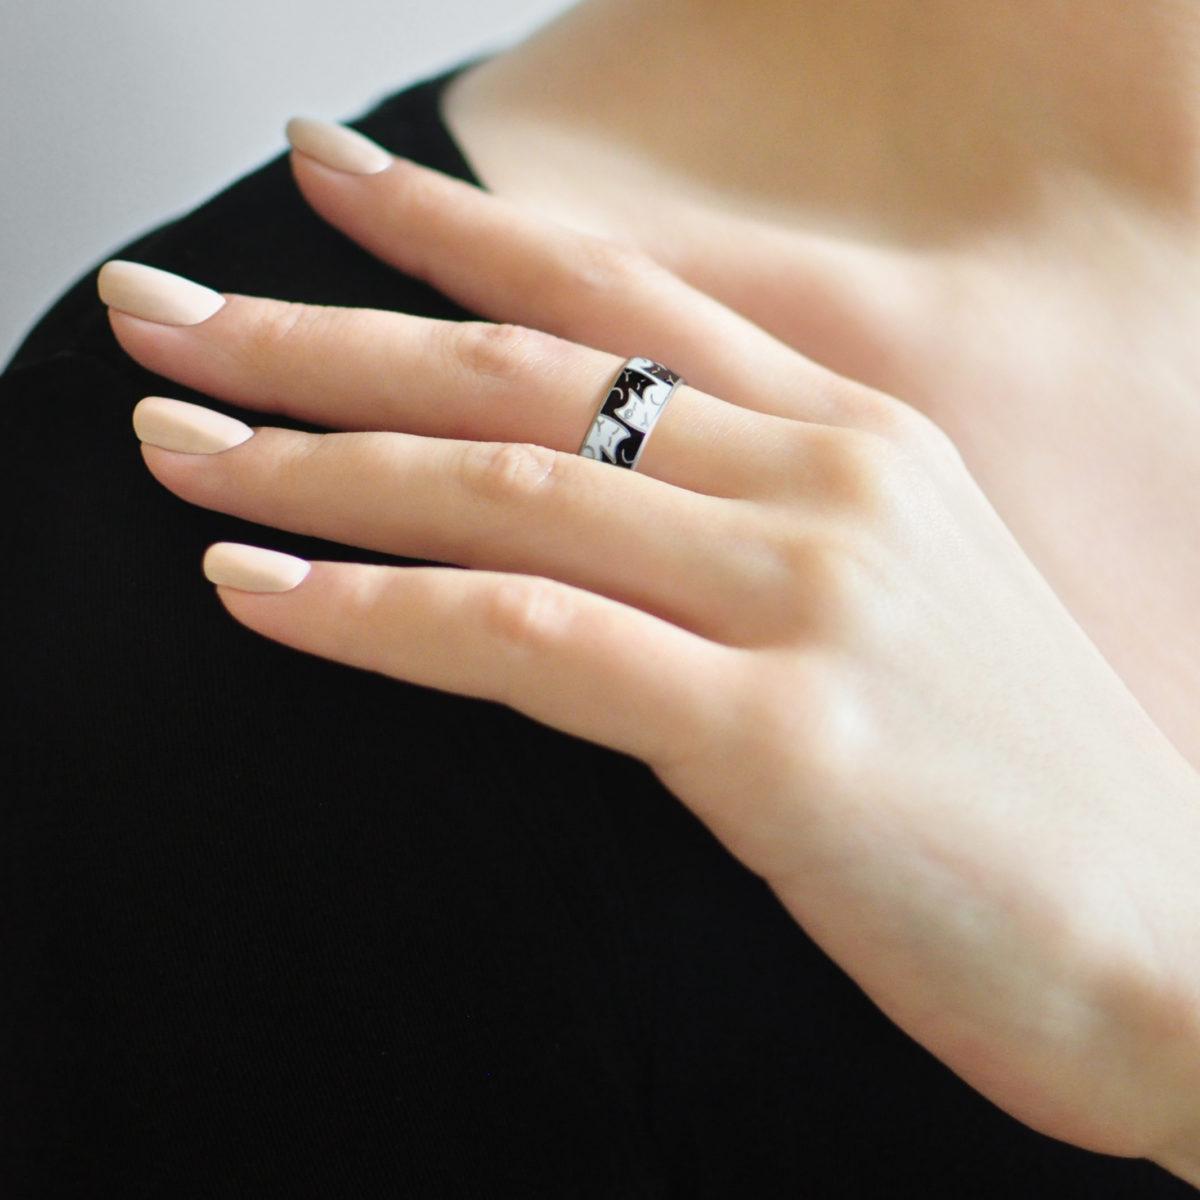 Serebro cherno belaya 1 1200x1200 - Кольцо из серебра «Котики Инь-Ян», черно-белое